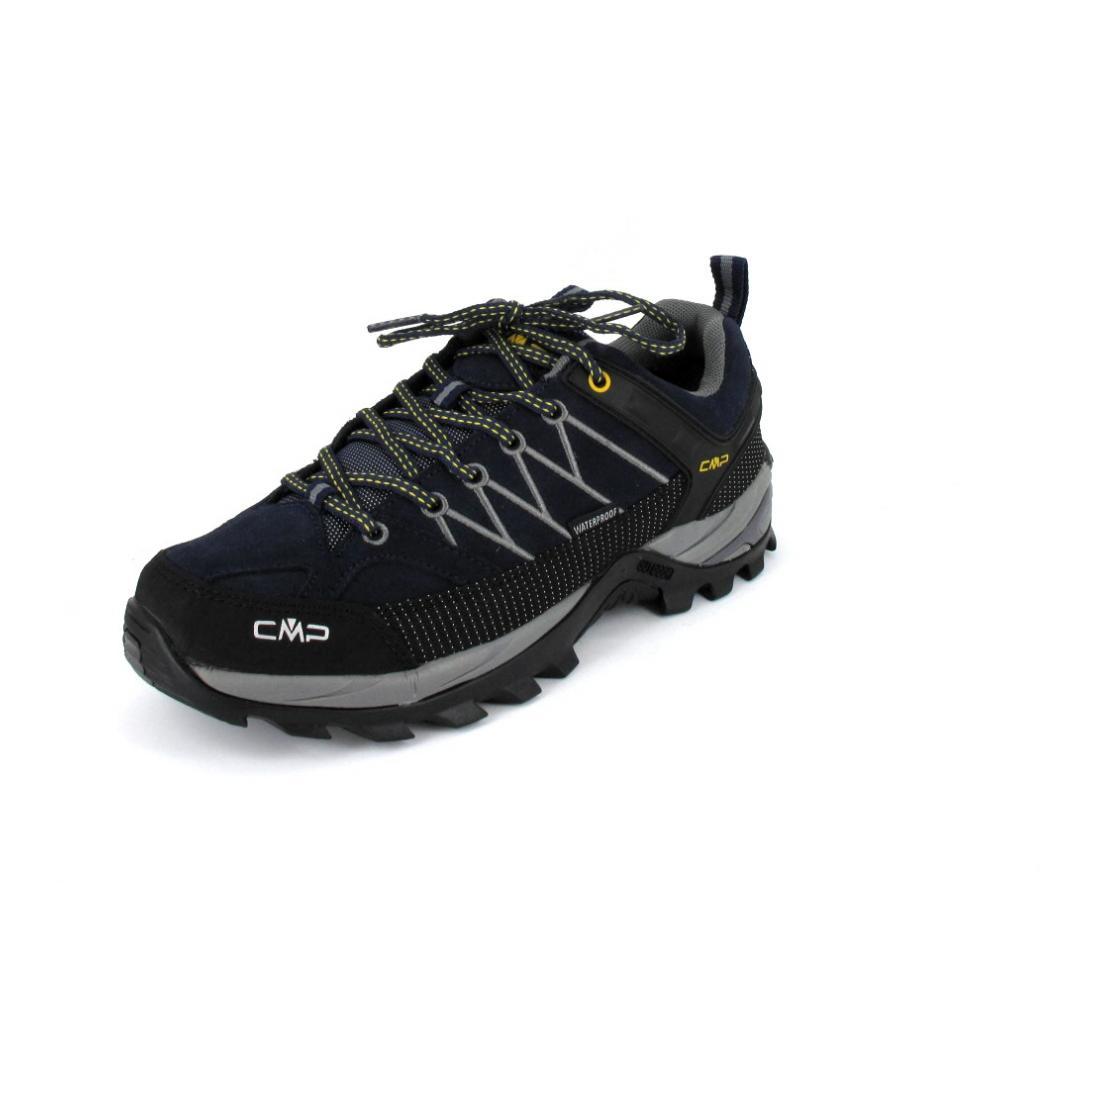 CMP Outdoor Stiefel Rigel Low Trekking Shoes